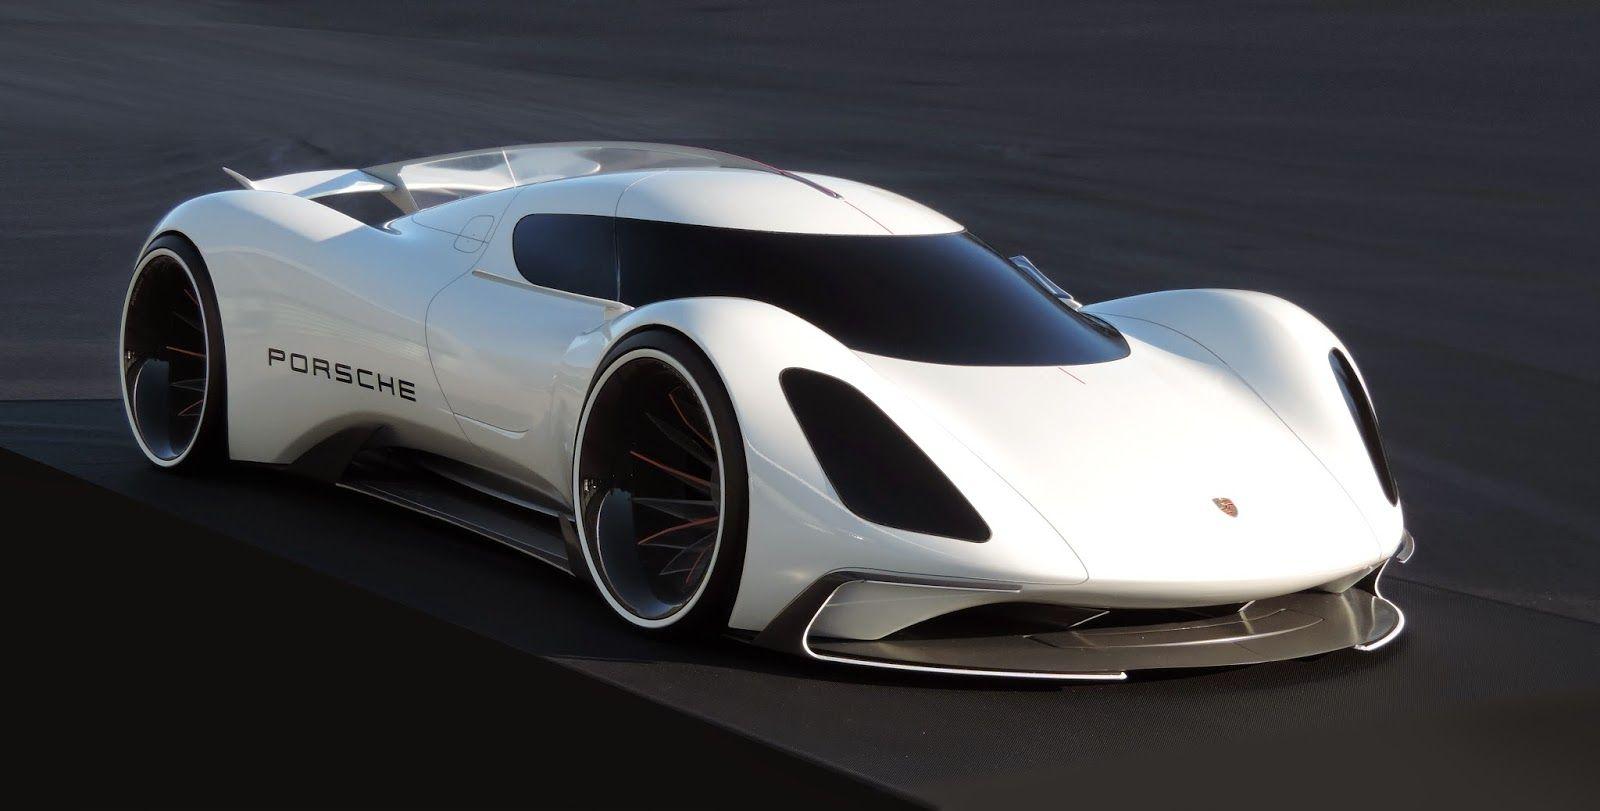 porsche electric le mans 2035 concept porsche pinterest porsche cars and concept cars. Black Bedroom Furniture Sets. Home Design Ideas